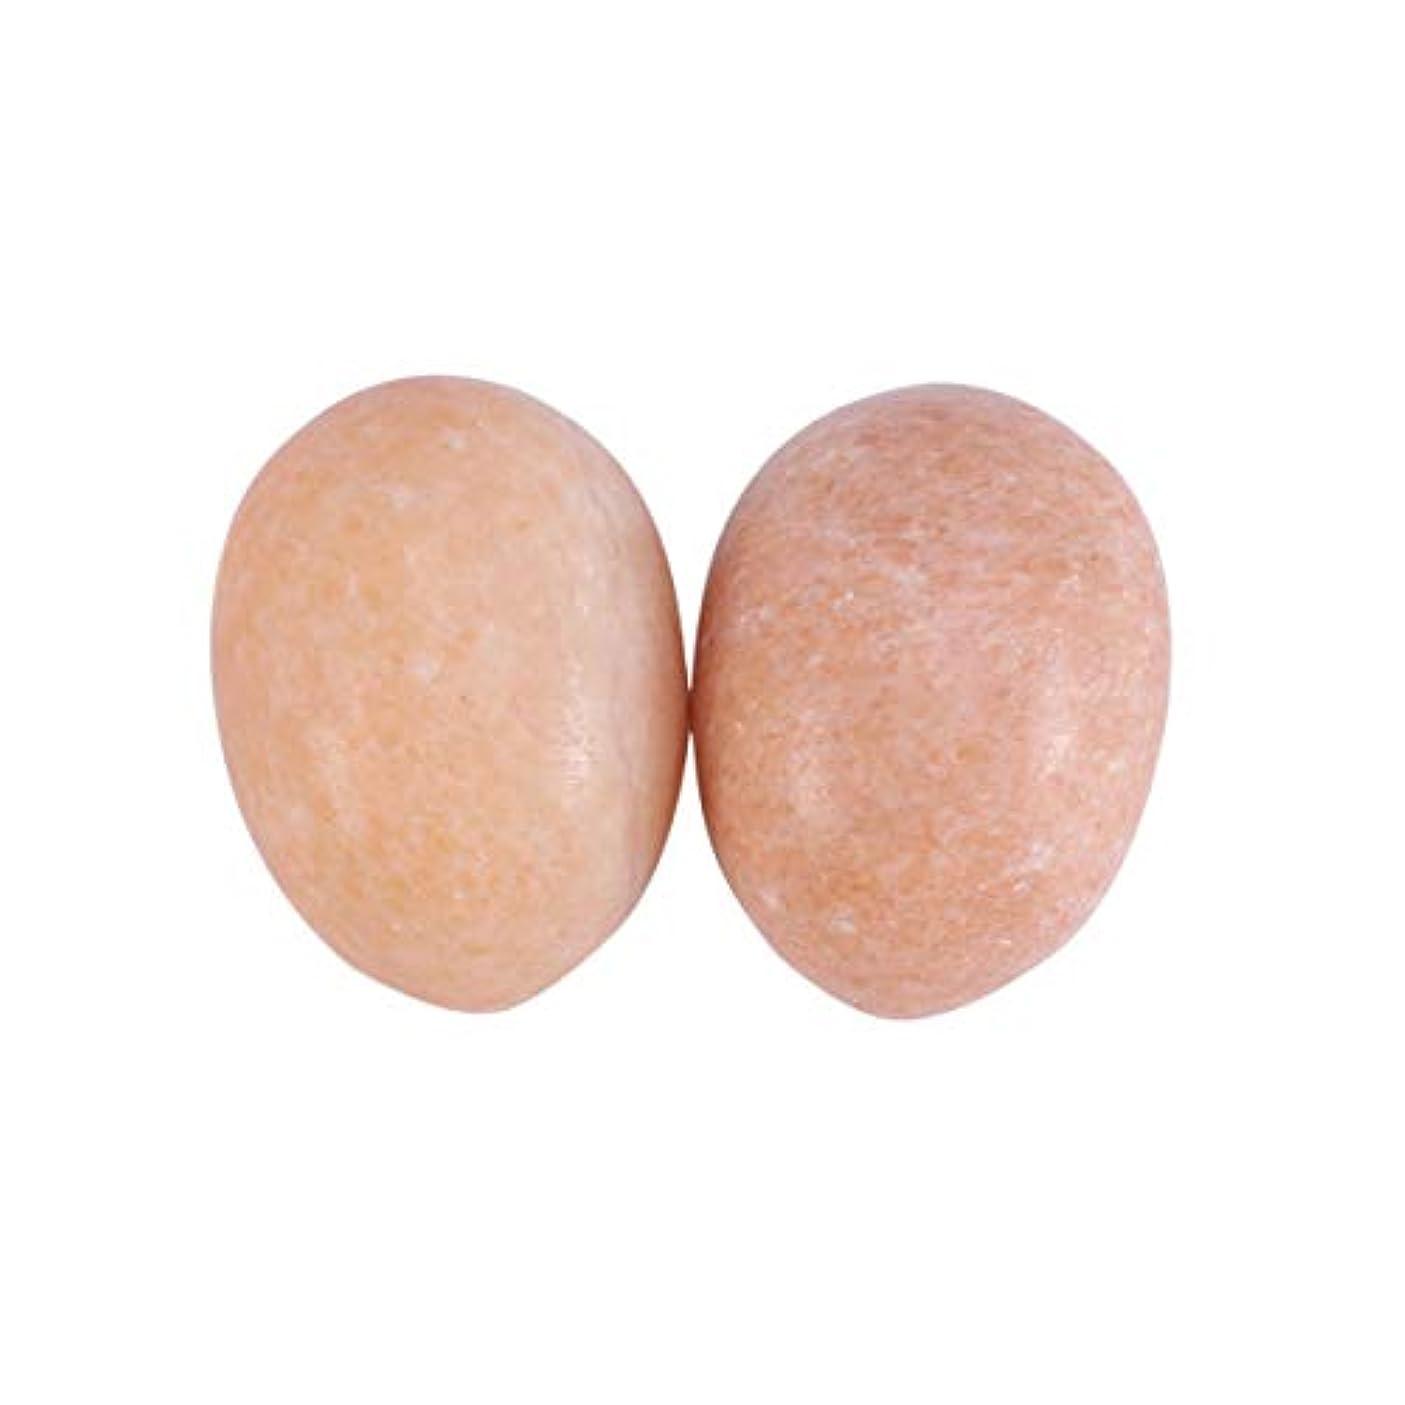 反発ダニ世紀Healifty 妊娠中の女性のためのマッサージボール6個玉ヨニ卵骨盤底筋マッサージ運動膣締め付けボールヘルスケア(サンセットレッド)